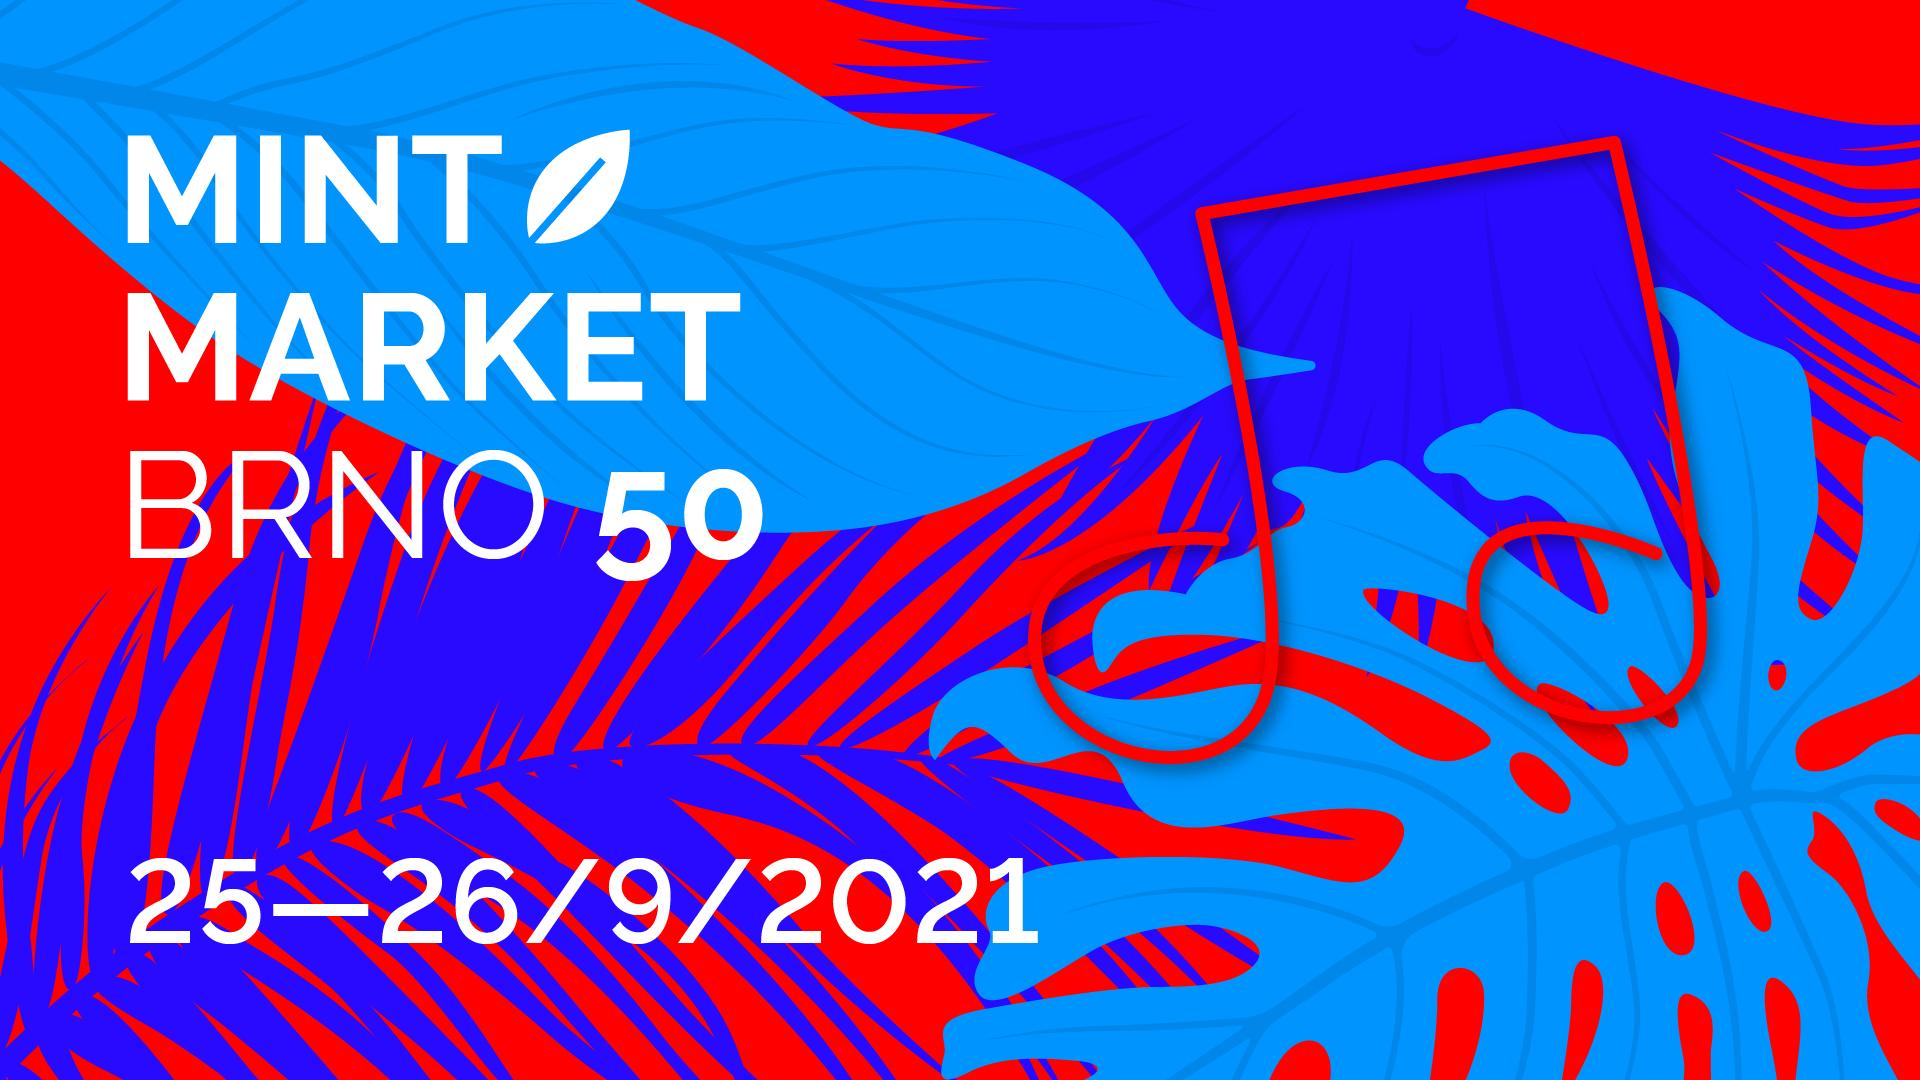 MINT Market Brno UPROSTŘED 25. 9. Od 10:00 - 26. 9. Do 18:00 v budově Tržnice.